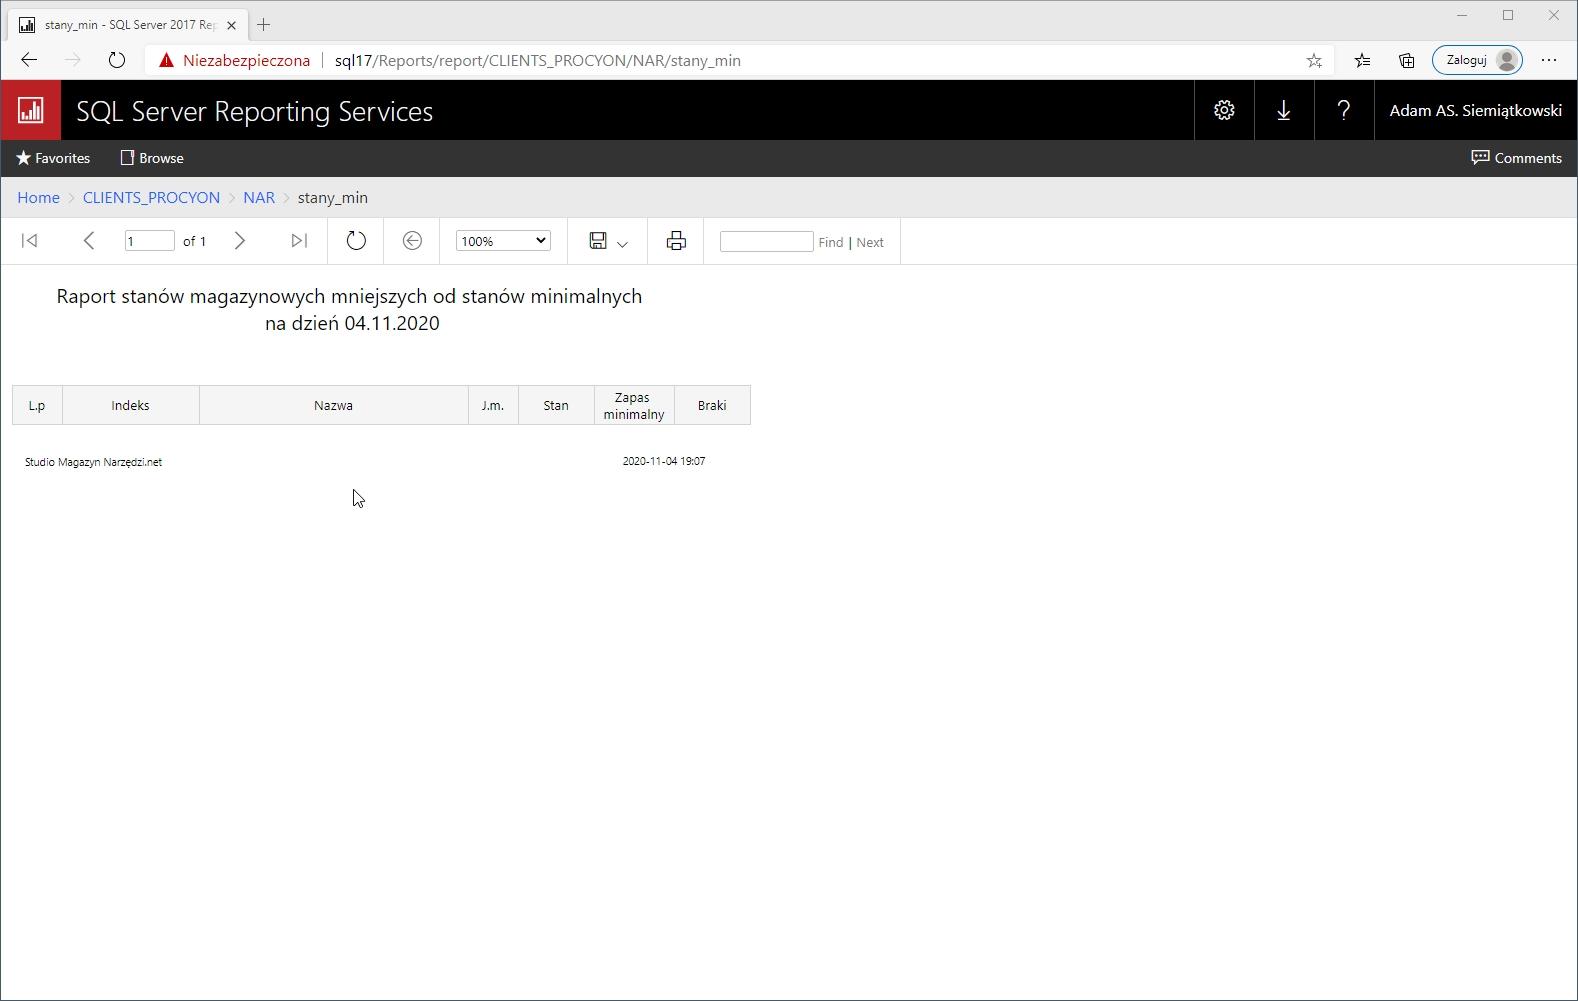 serwer raportów usługi power bi,szablony rdl,serwer raportów usługi power bi